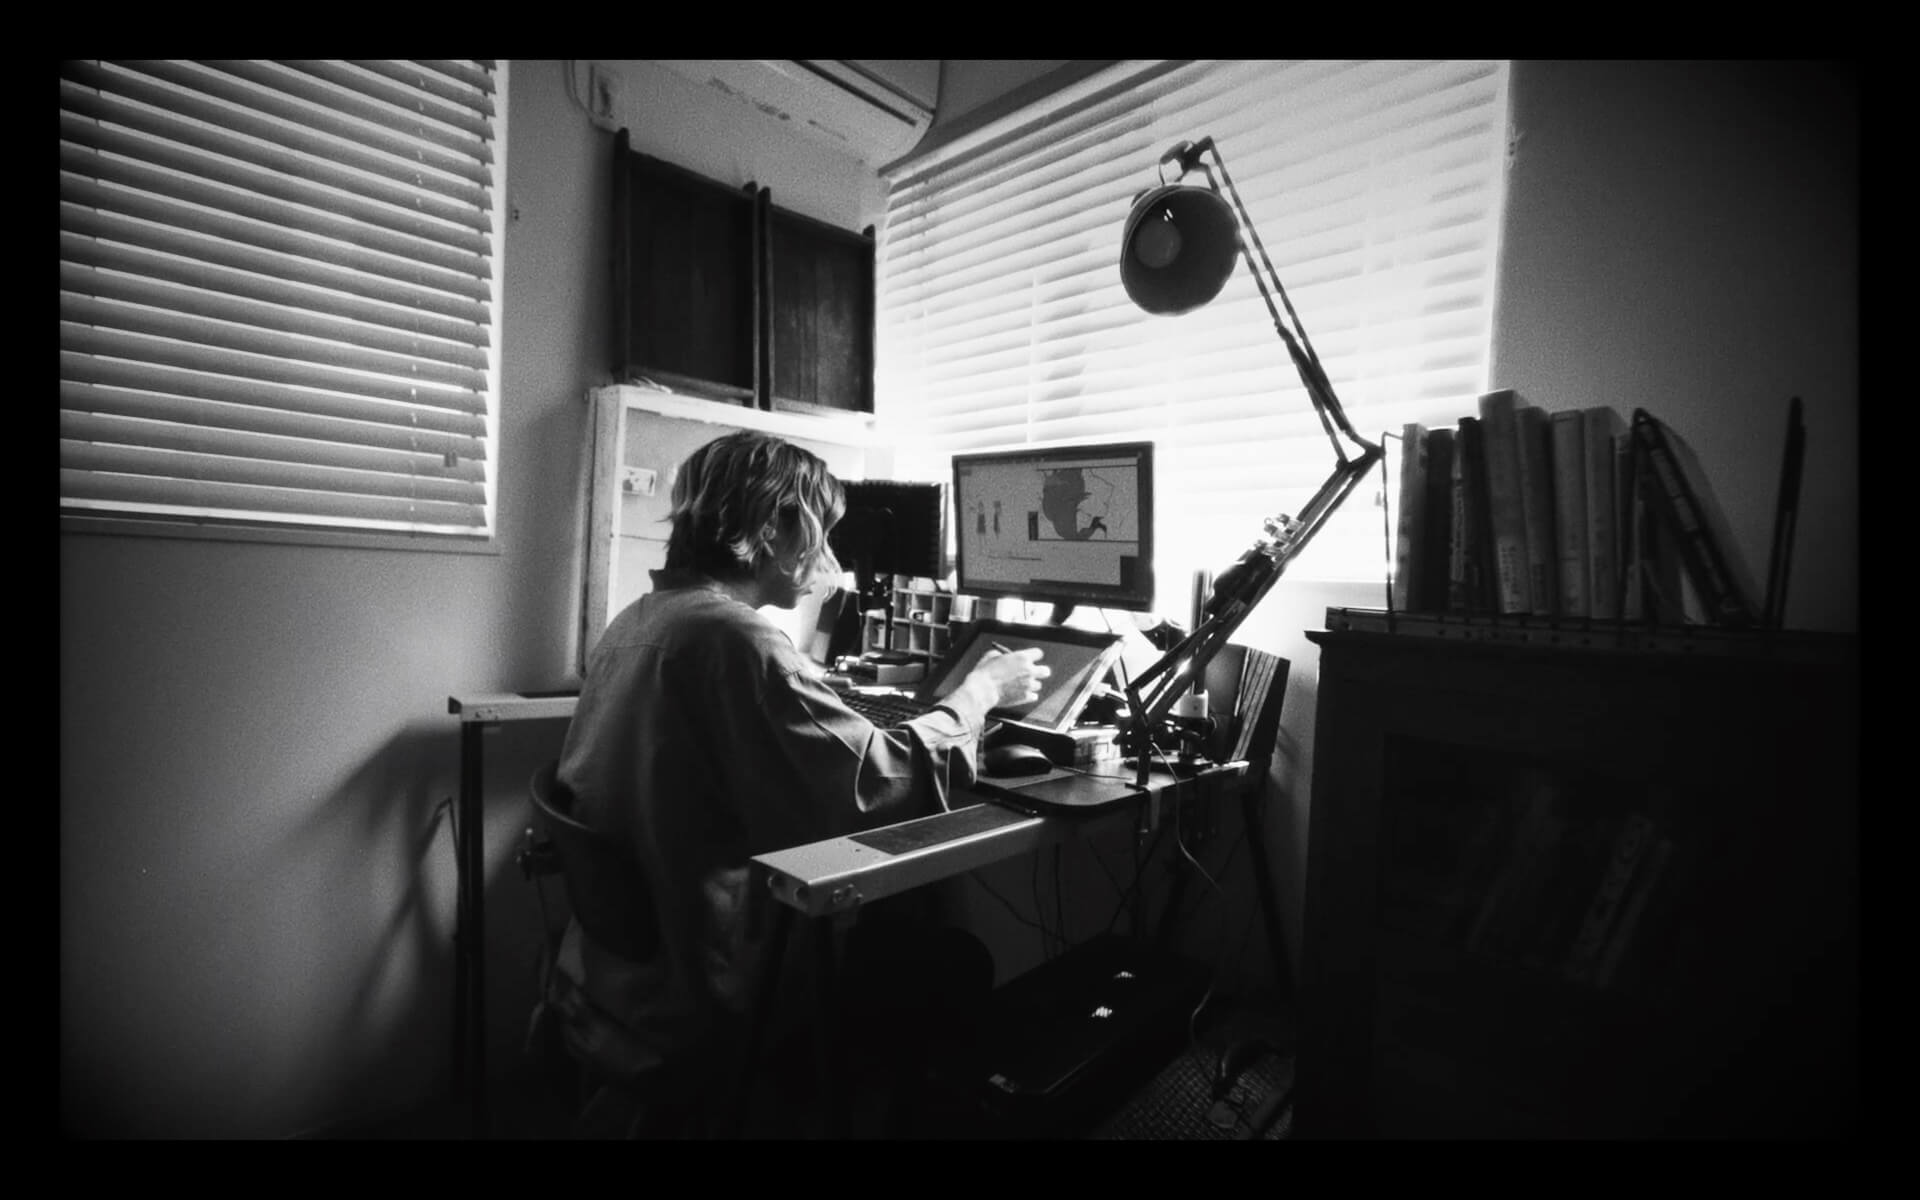 浜野謙太、Licaxxxらが出演!Technicsの完全ワイヤレスイヤホン「EAH-AZ60」PV&インタビュー動画が公開 music210929technics-02